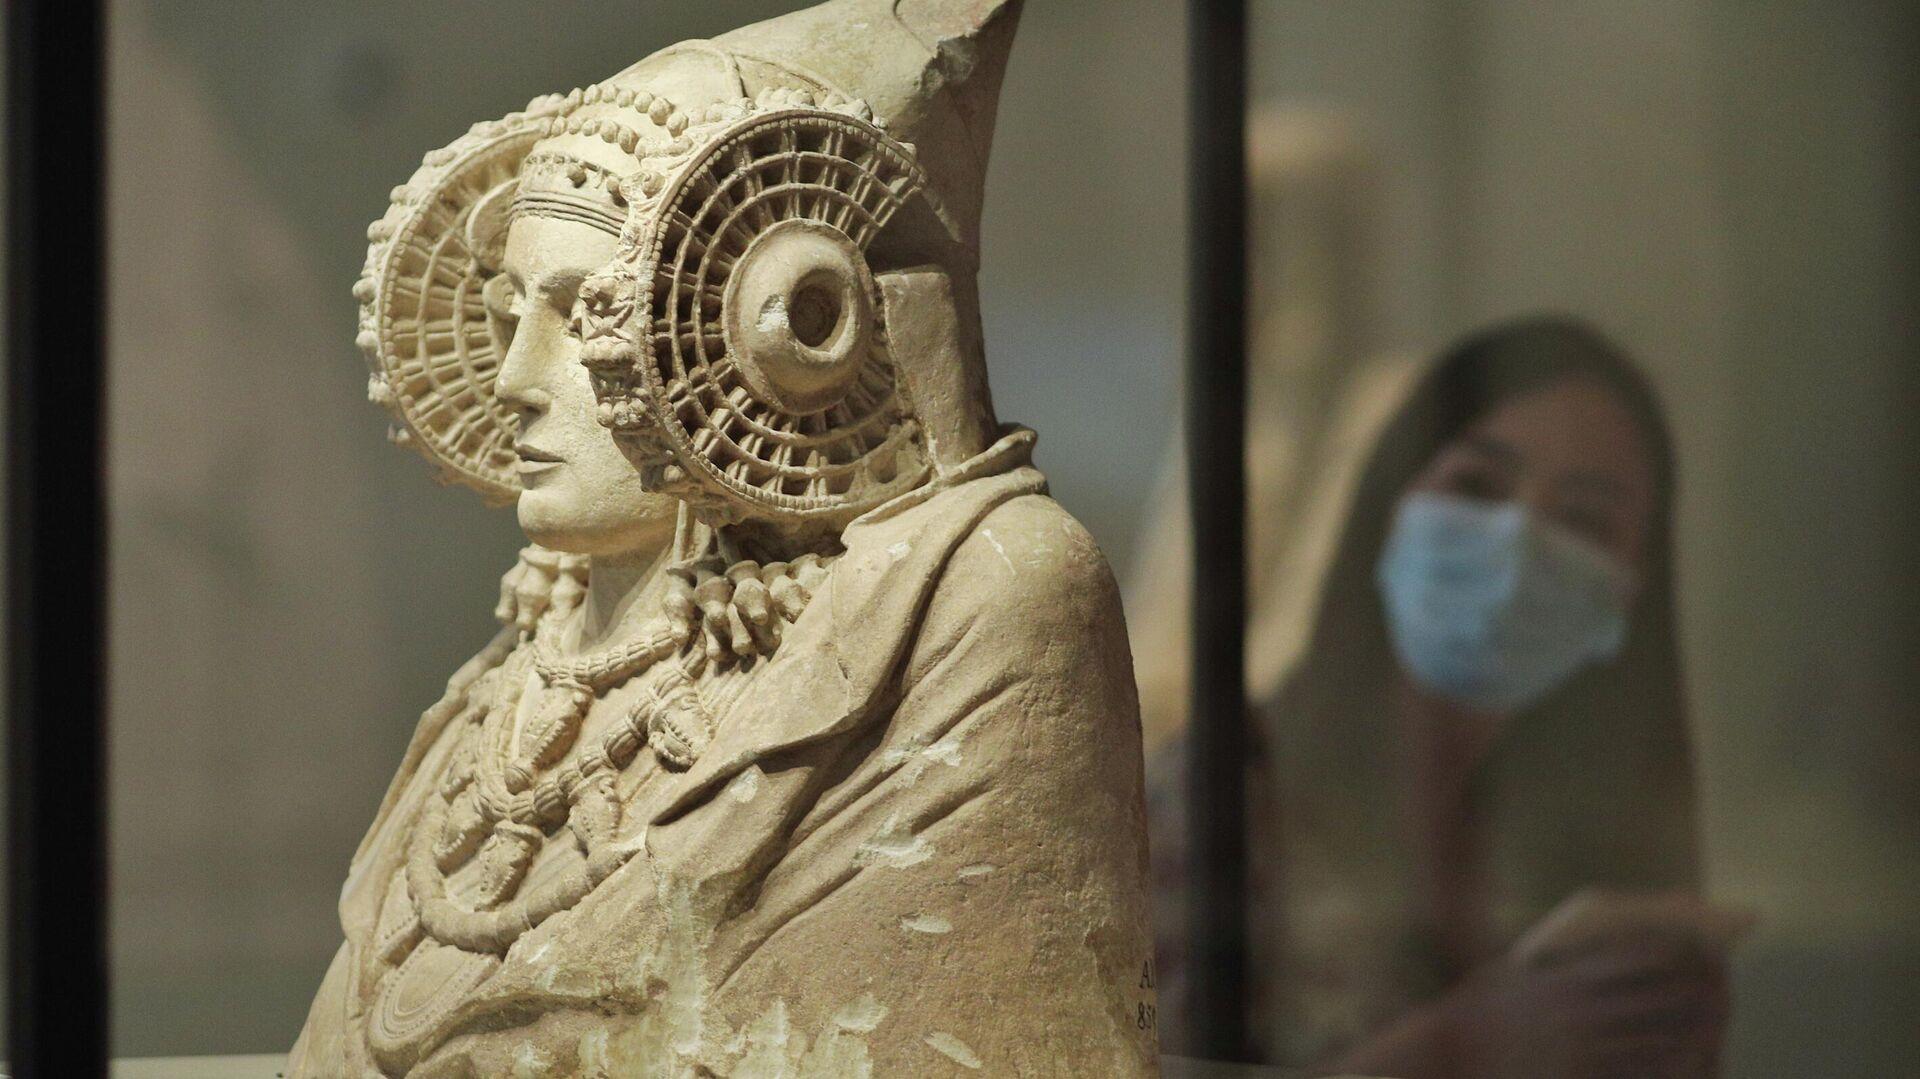 Dama de Elche en el Museo Arqueológico Nacional (Madrid) - Sputnik Mundo, 1920, 04.08.2021